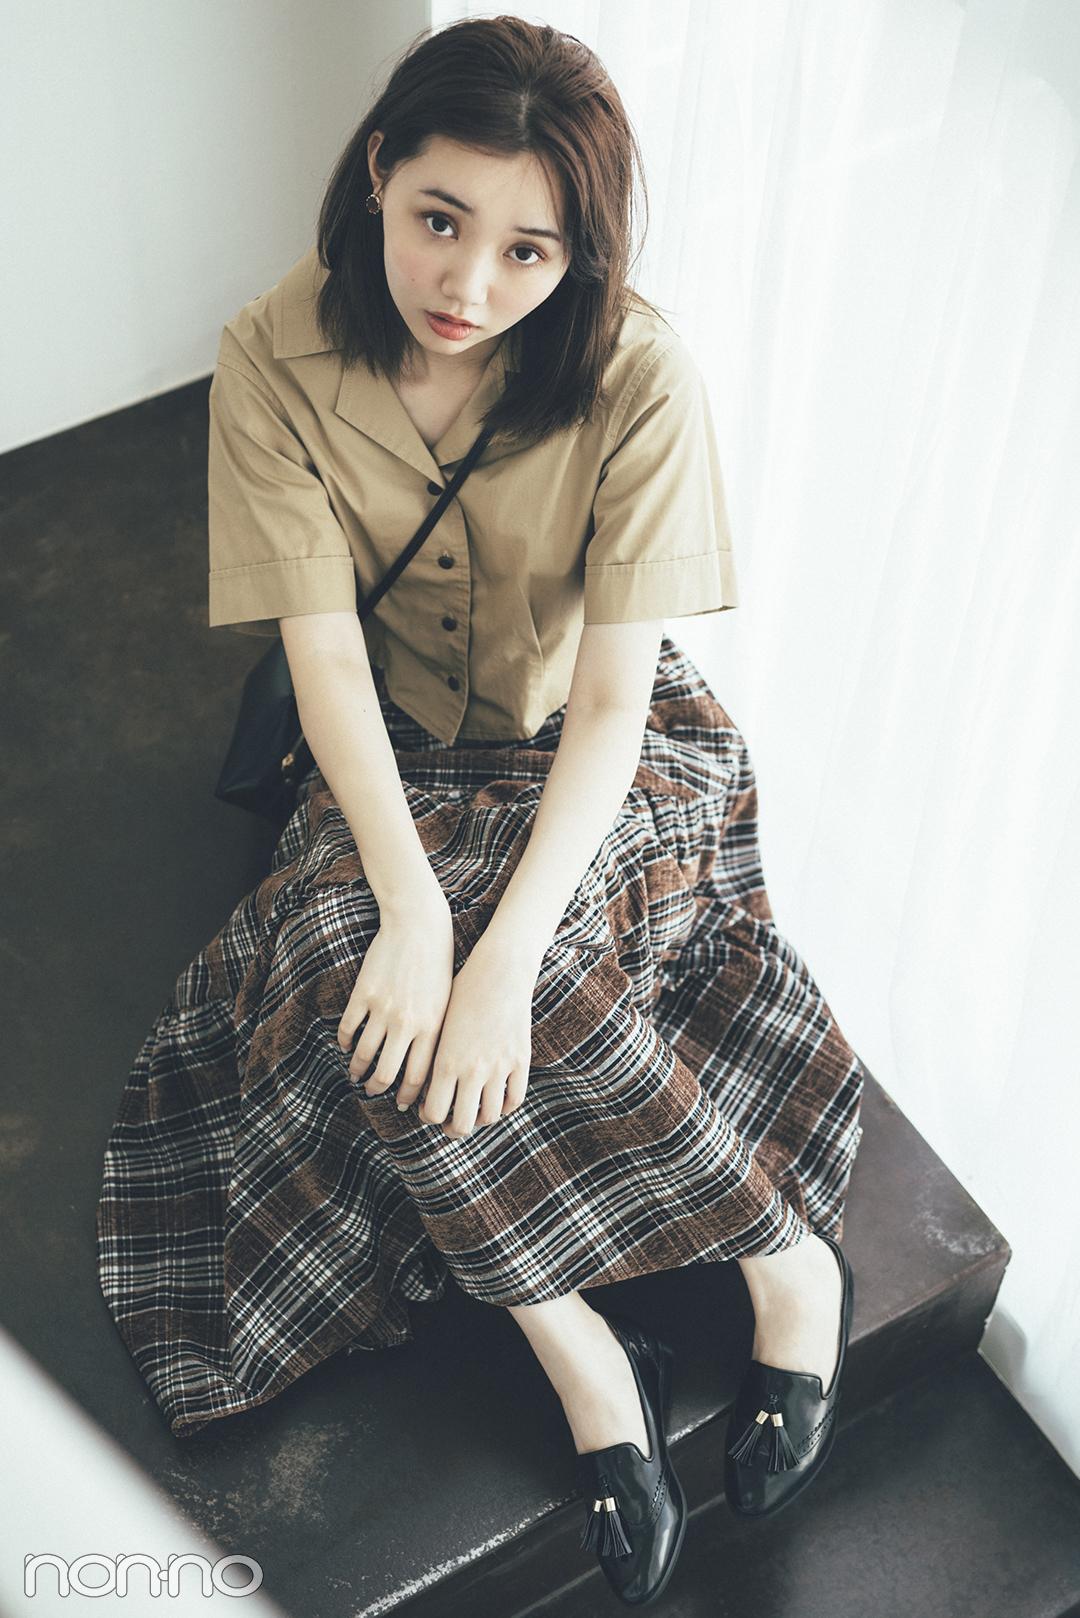 PATTERN4 レトロで知的♡ ビットつきの ローファーは男子ウケも最強 江野澤愛美